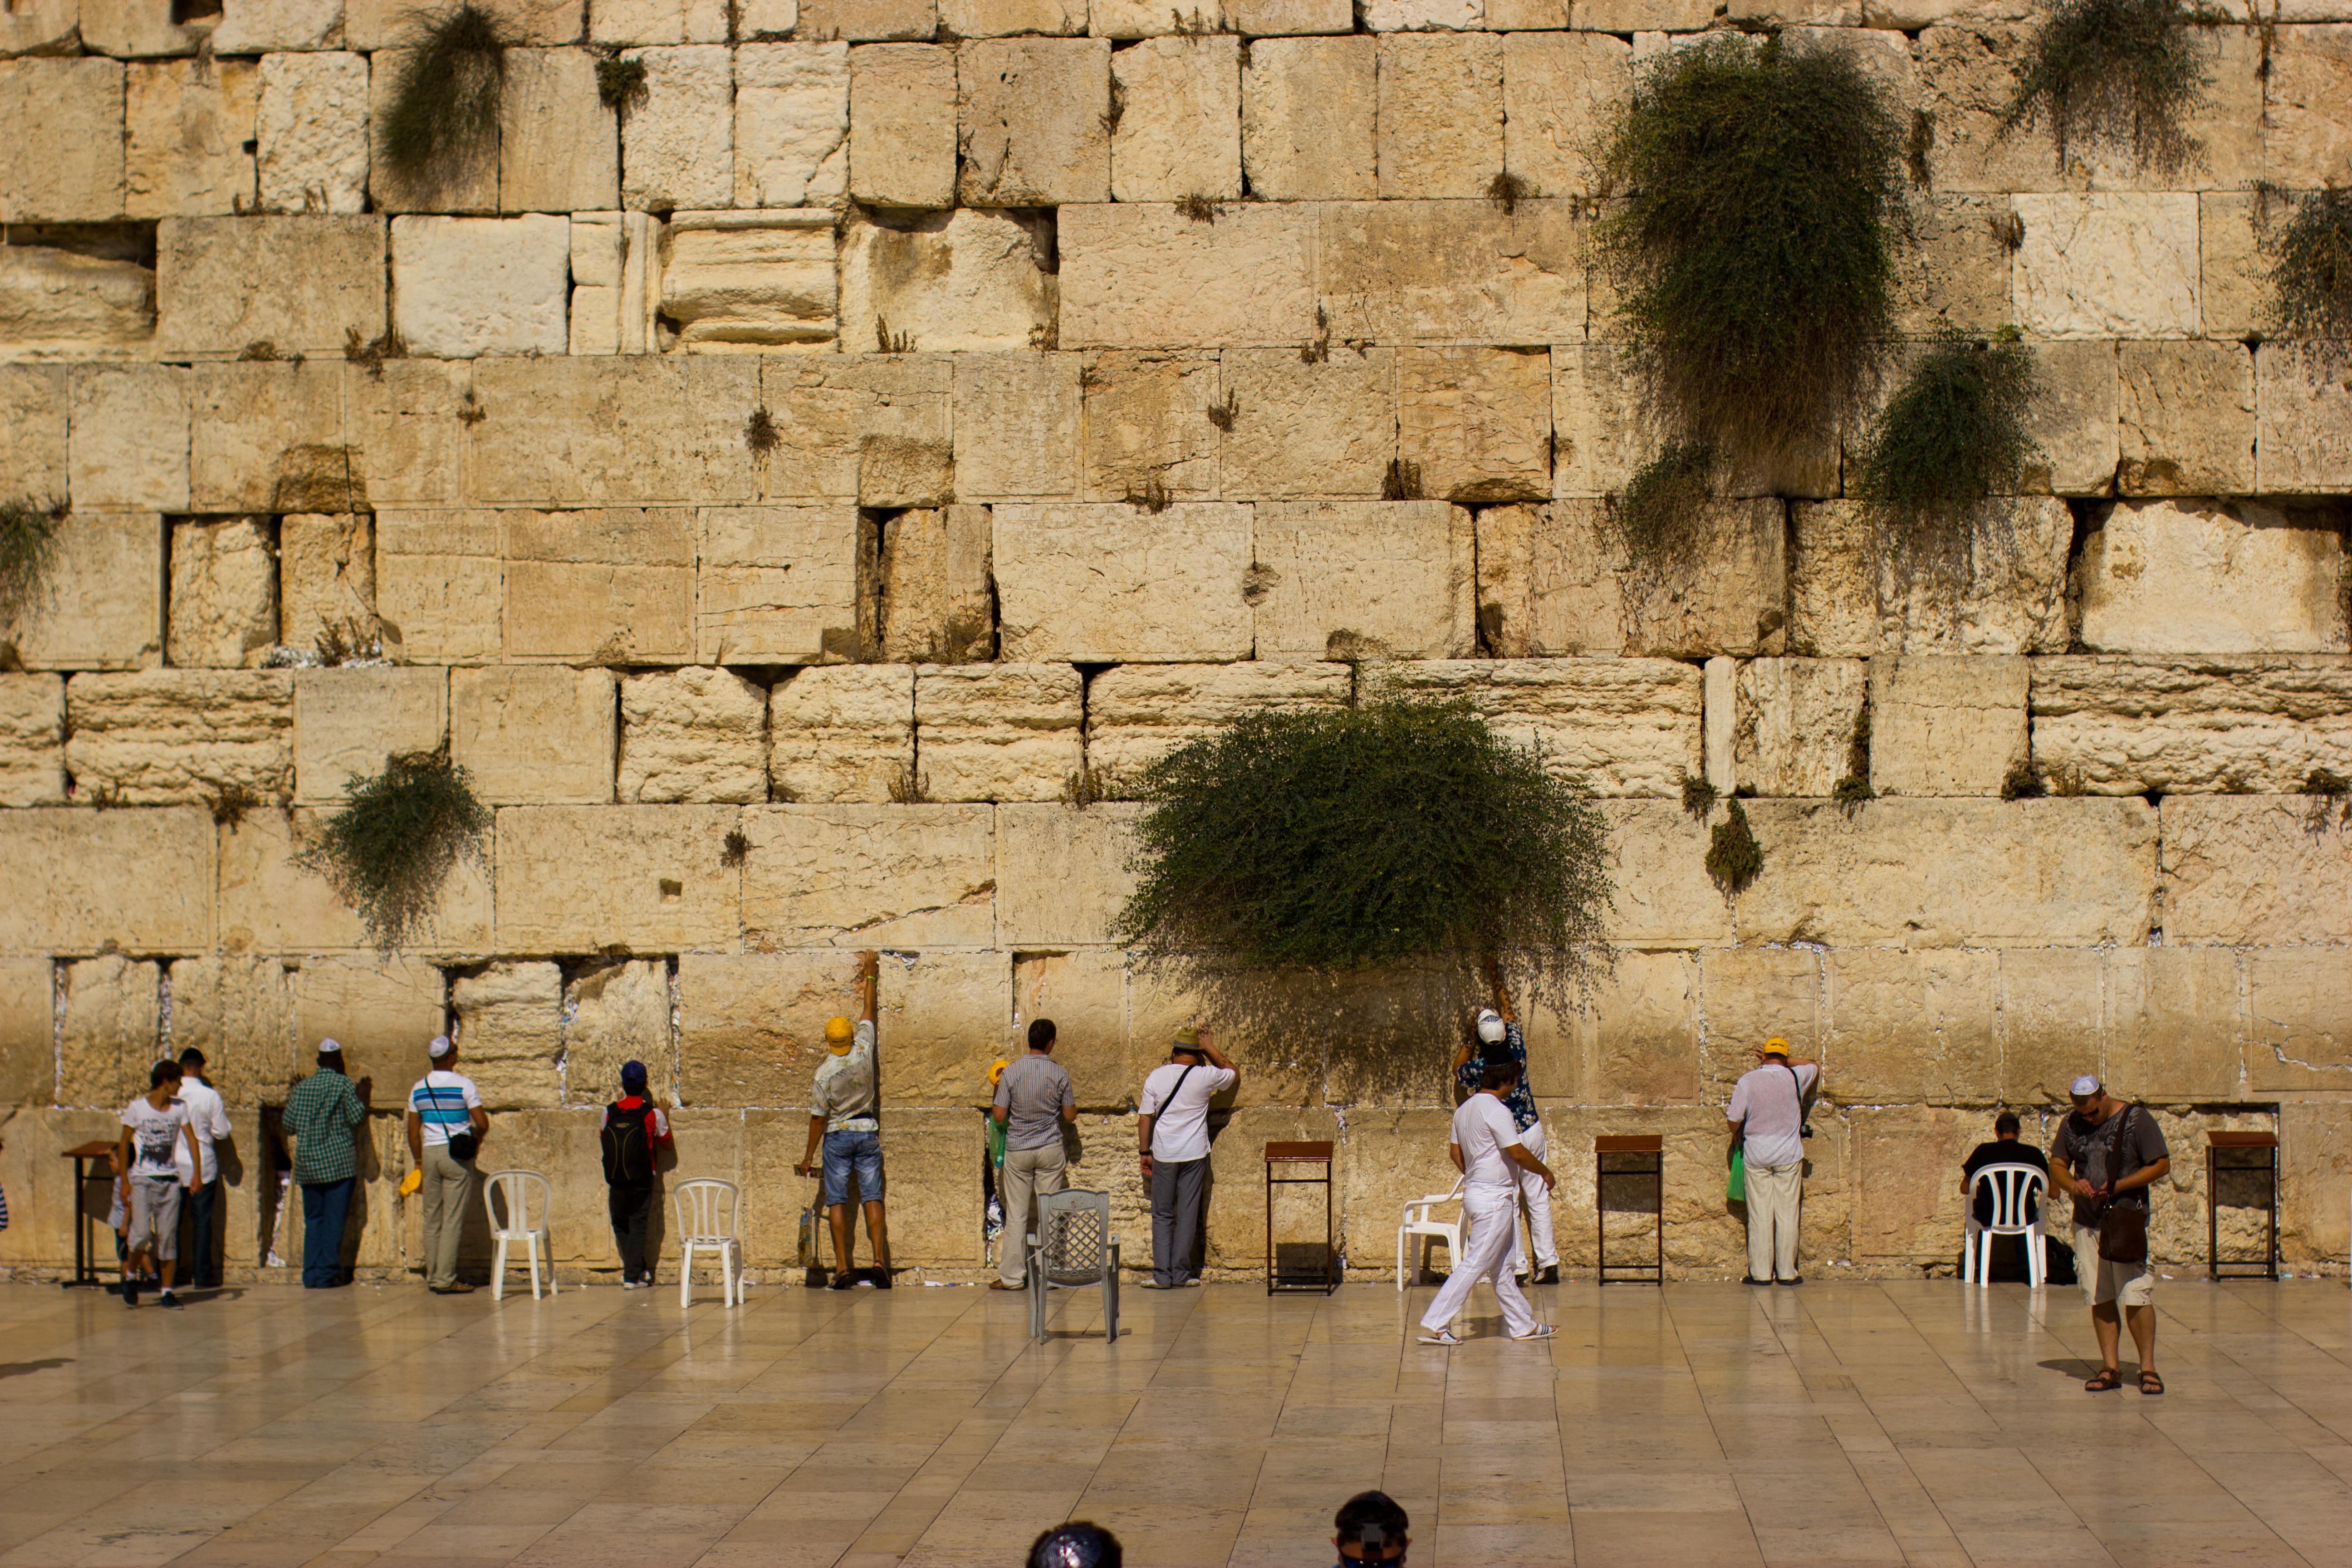 Religión En Israel Wikipedia La Enciclopedia Libre